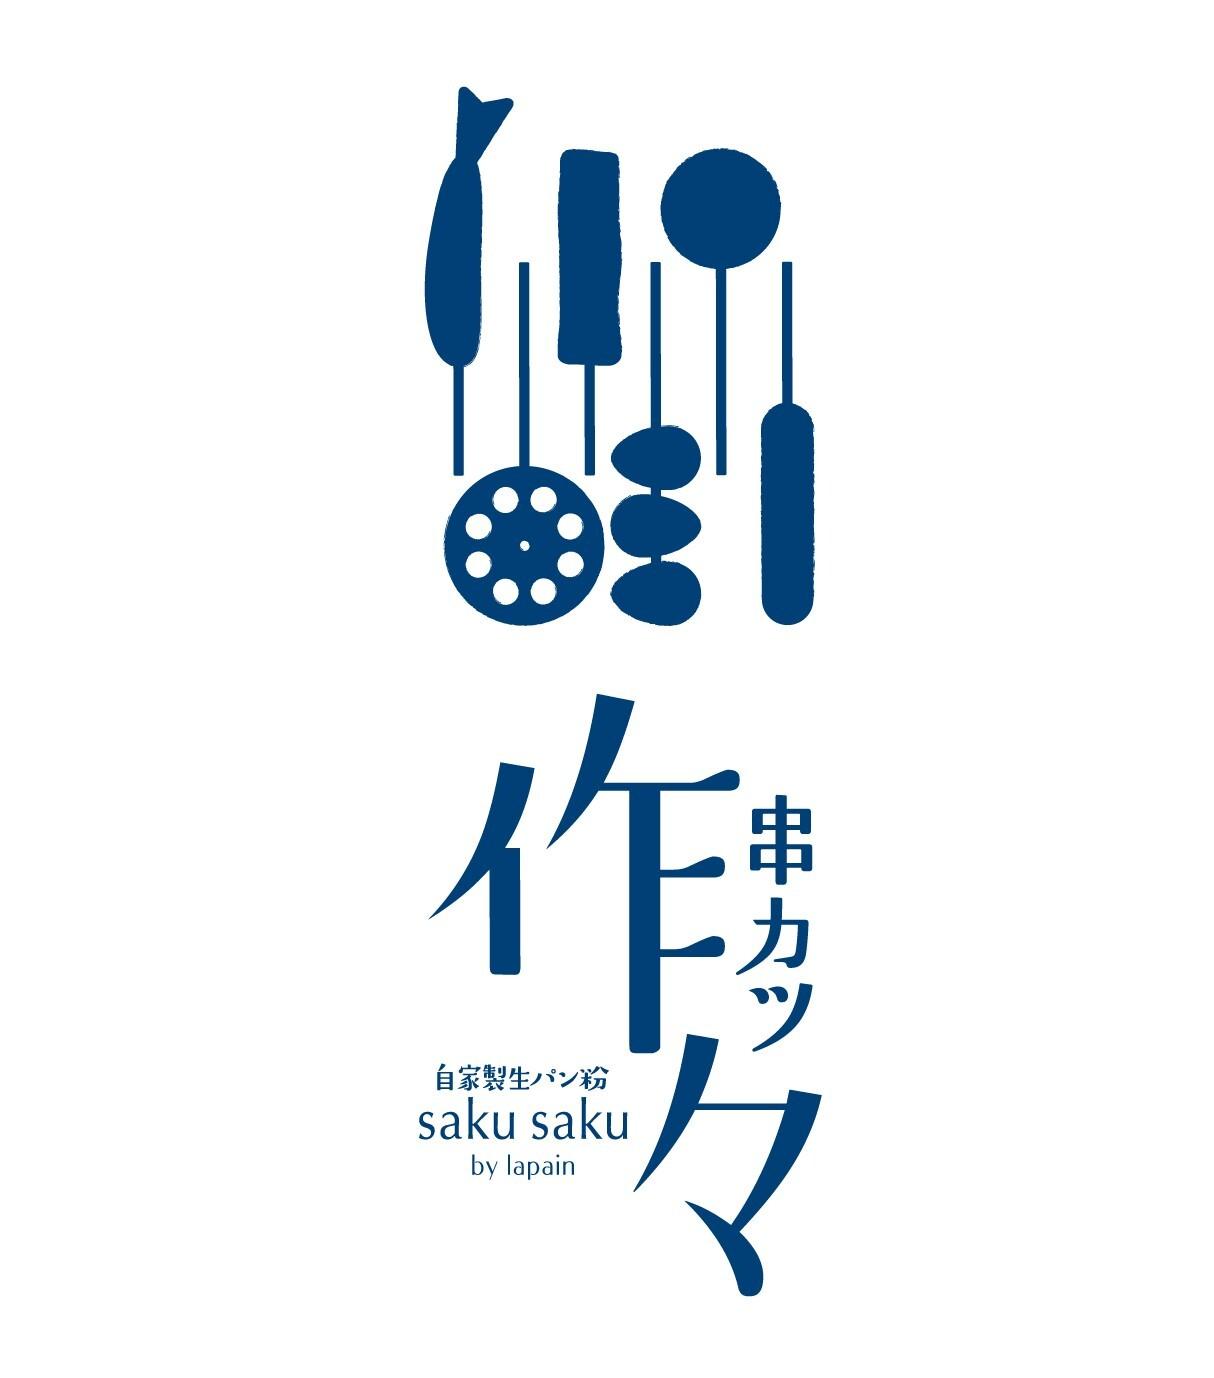 sakusaku2016